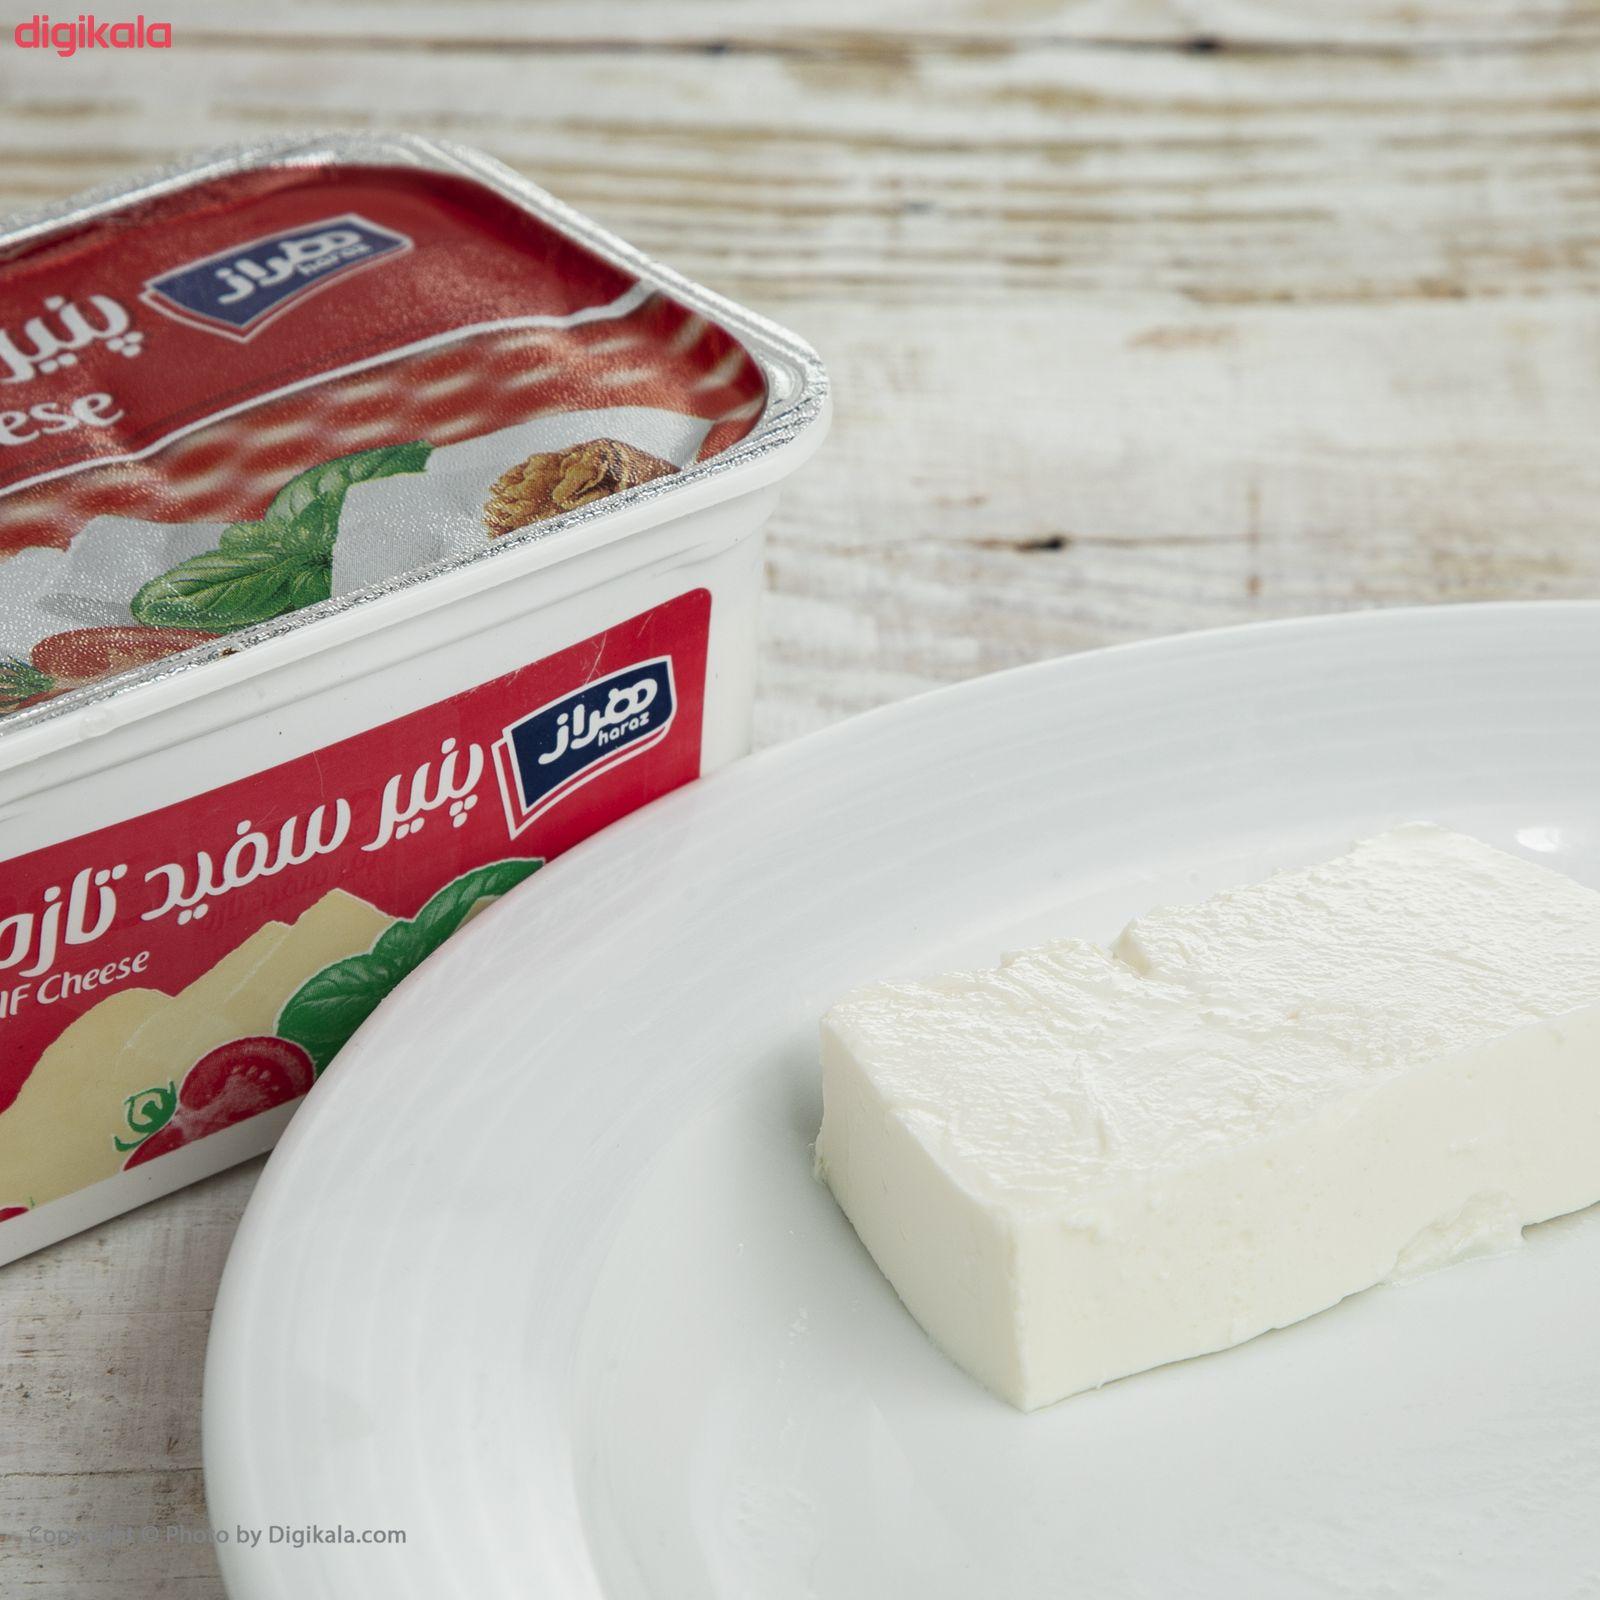 پنیر سفید تازه هراز مقدار 400 گرم main 1 8